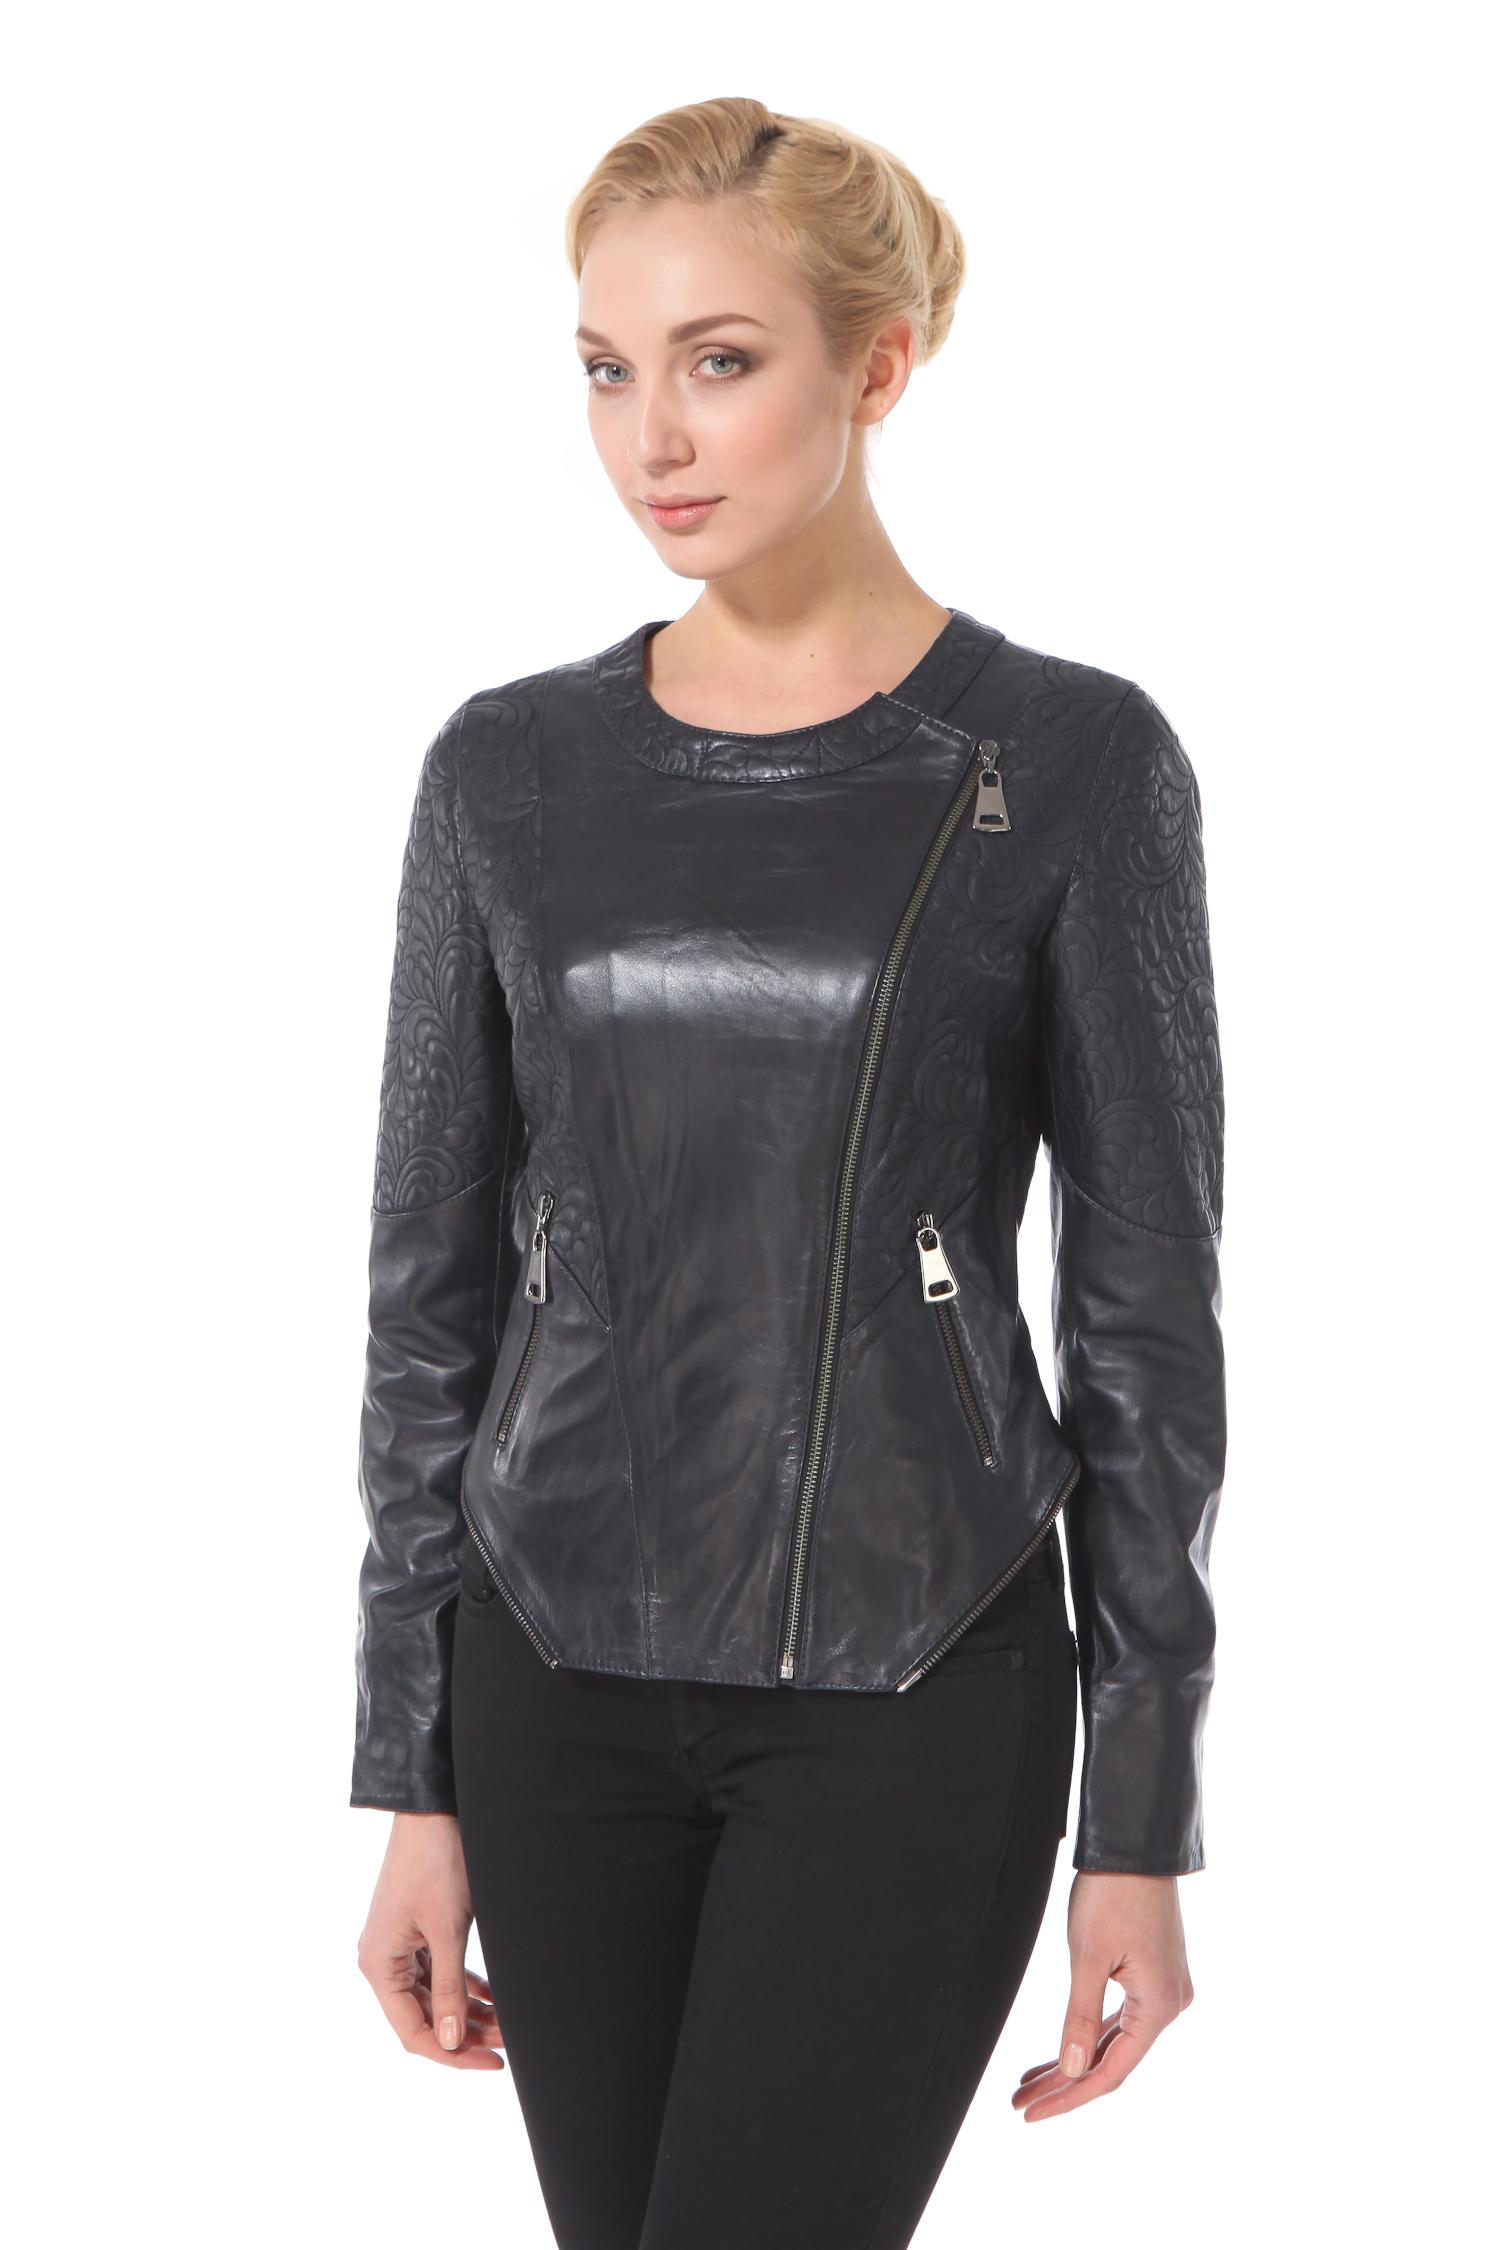 Женская кожаная куртка из натуральной кожи, без отделки<br><br>Длина см: Короткая (51-74 )<br>Материал: Кожа овчина<br>Цвет: синий<br>Застежка: на молнии<br>Пол: Женский<br>Размер RU: 46